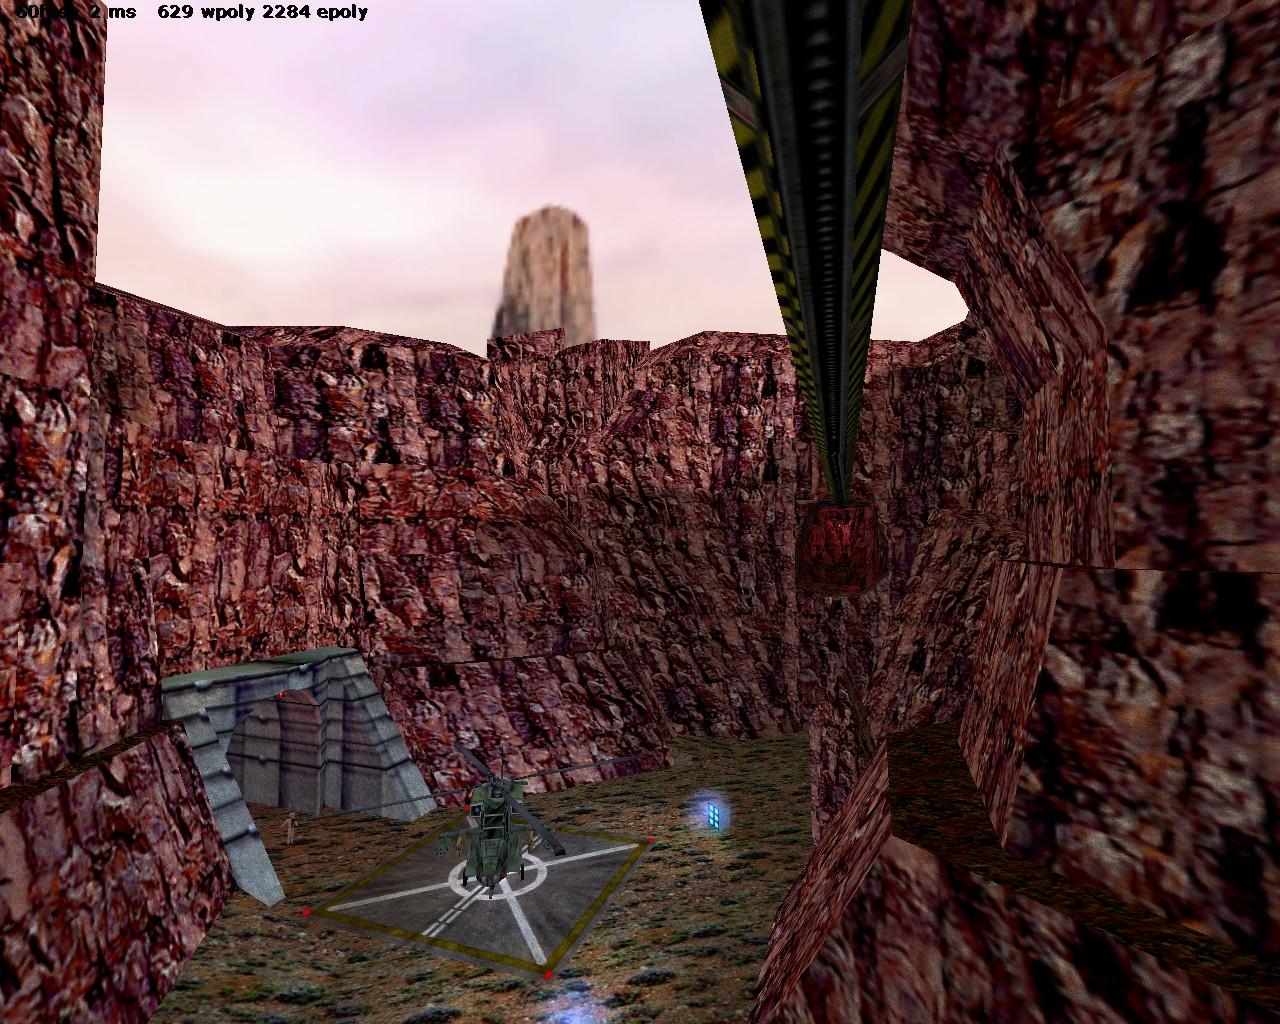 c0a0b0006.jpg - Half-Life